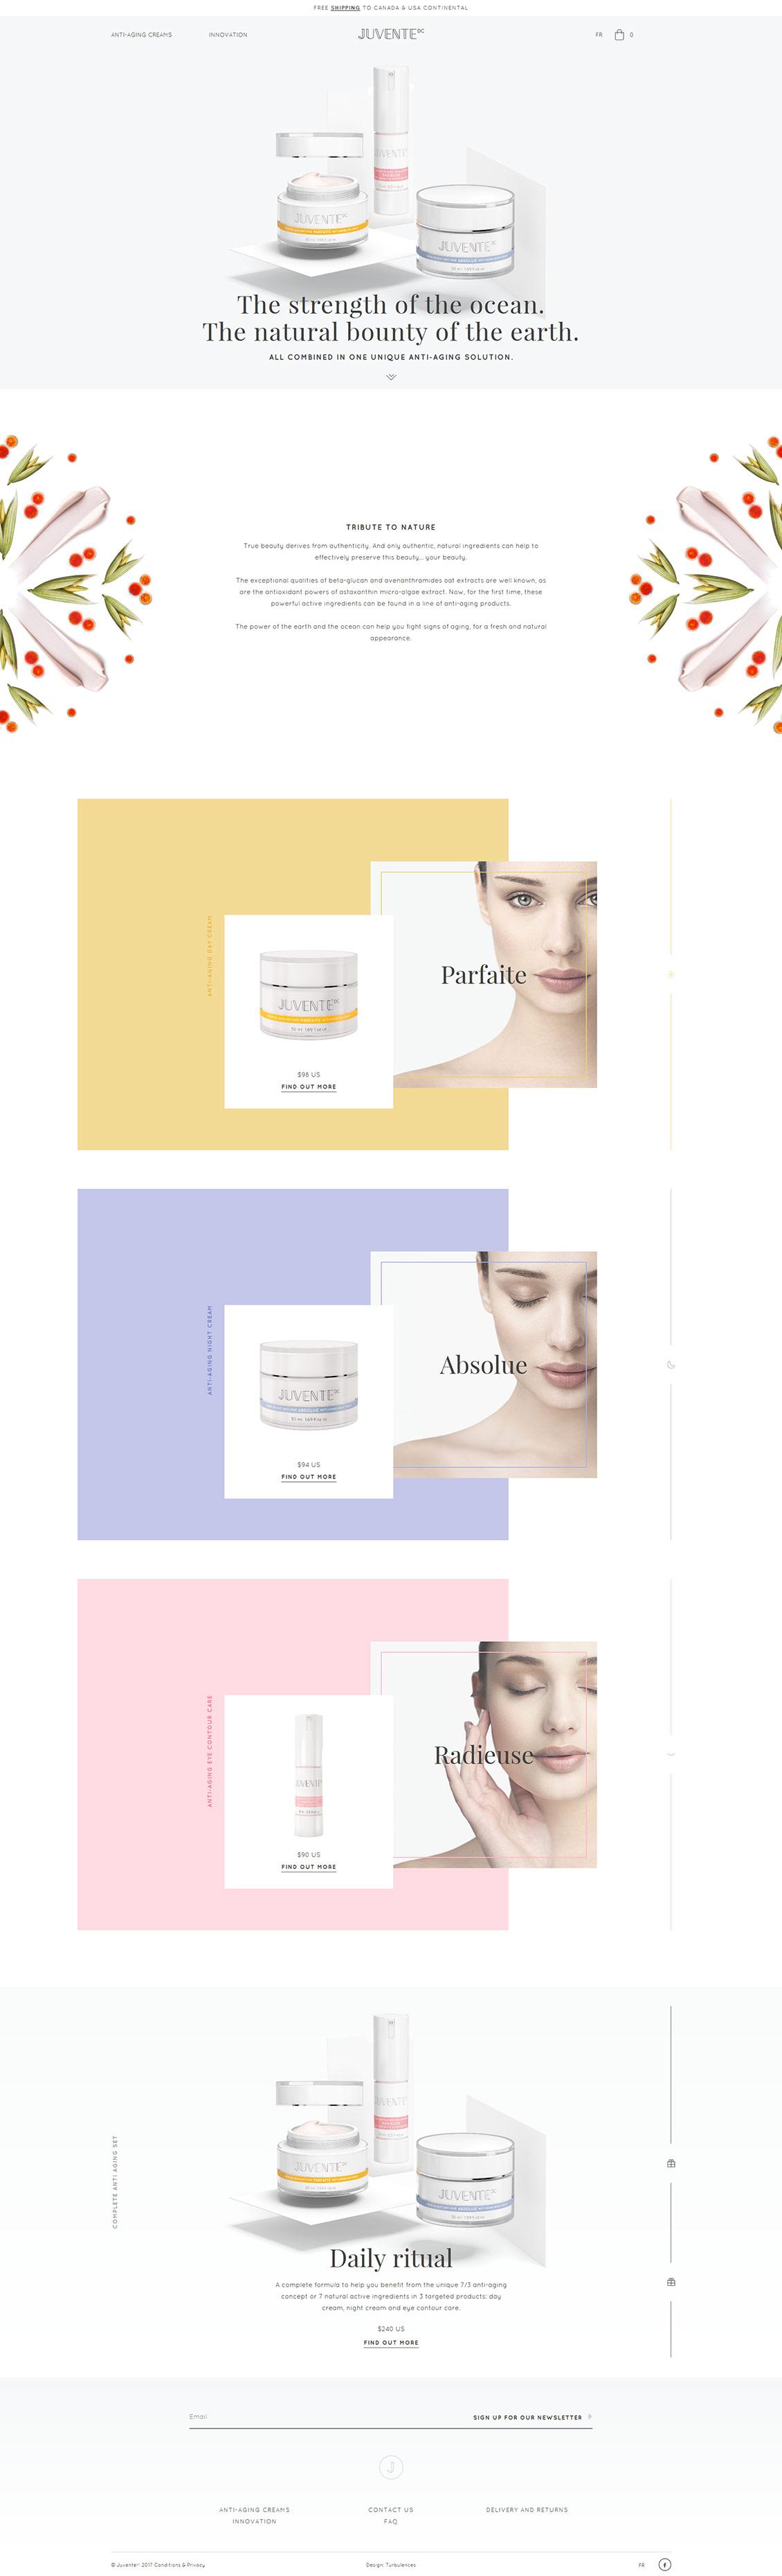 国外JUVENTEDC天然抗衰老面霜化妆品网站设计